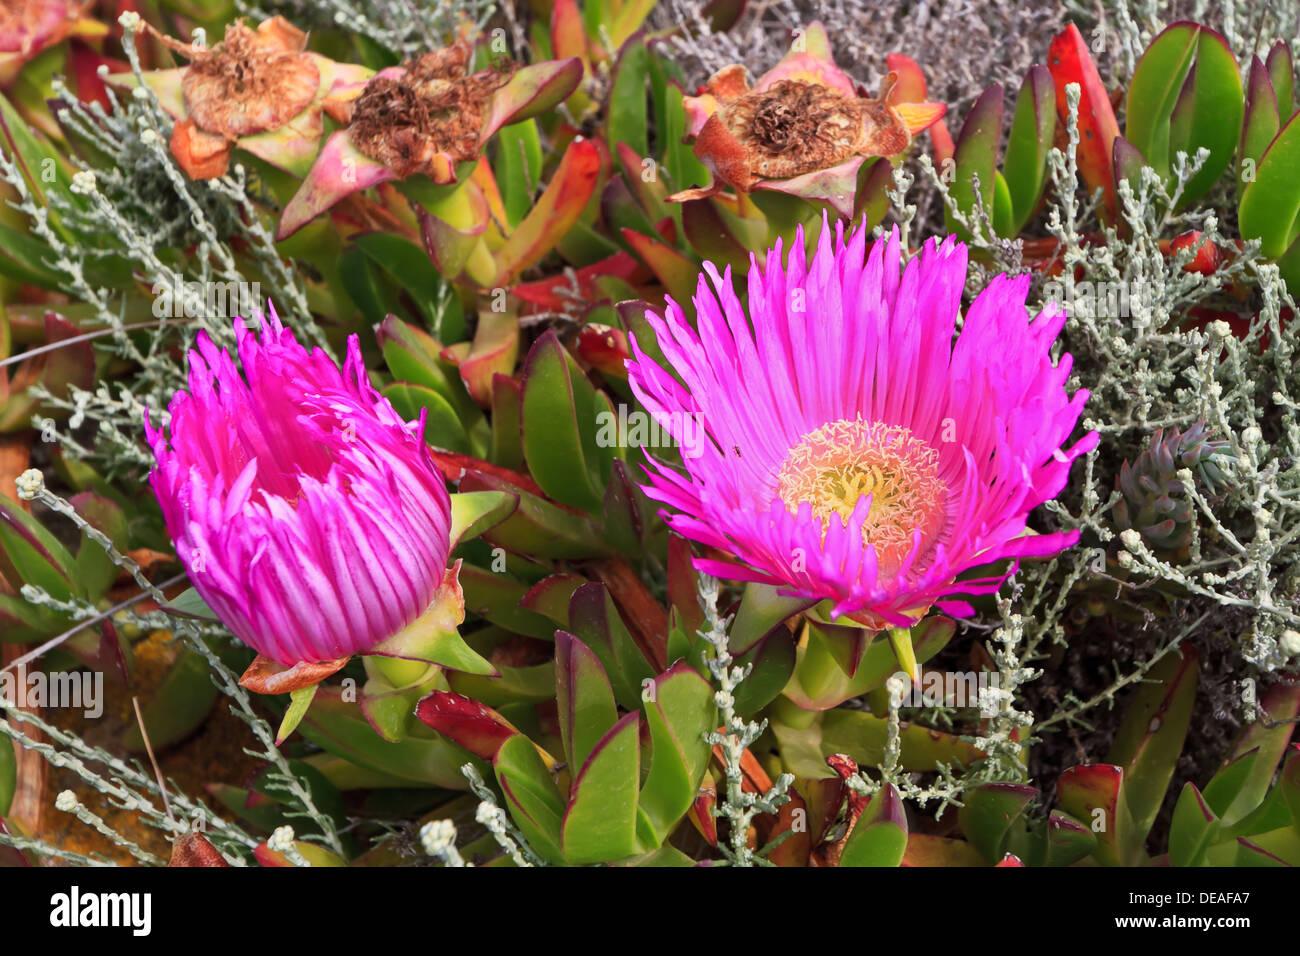 Carpobrotus Succulent Plant Pink Flowers Stock Photos Carpobrotus